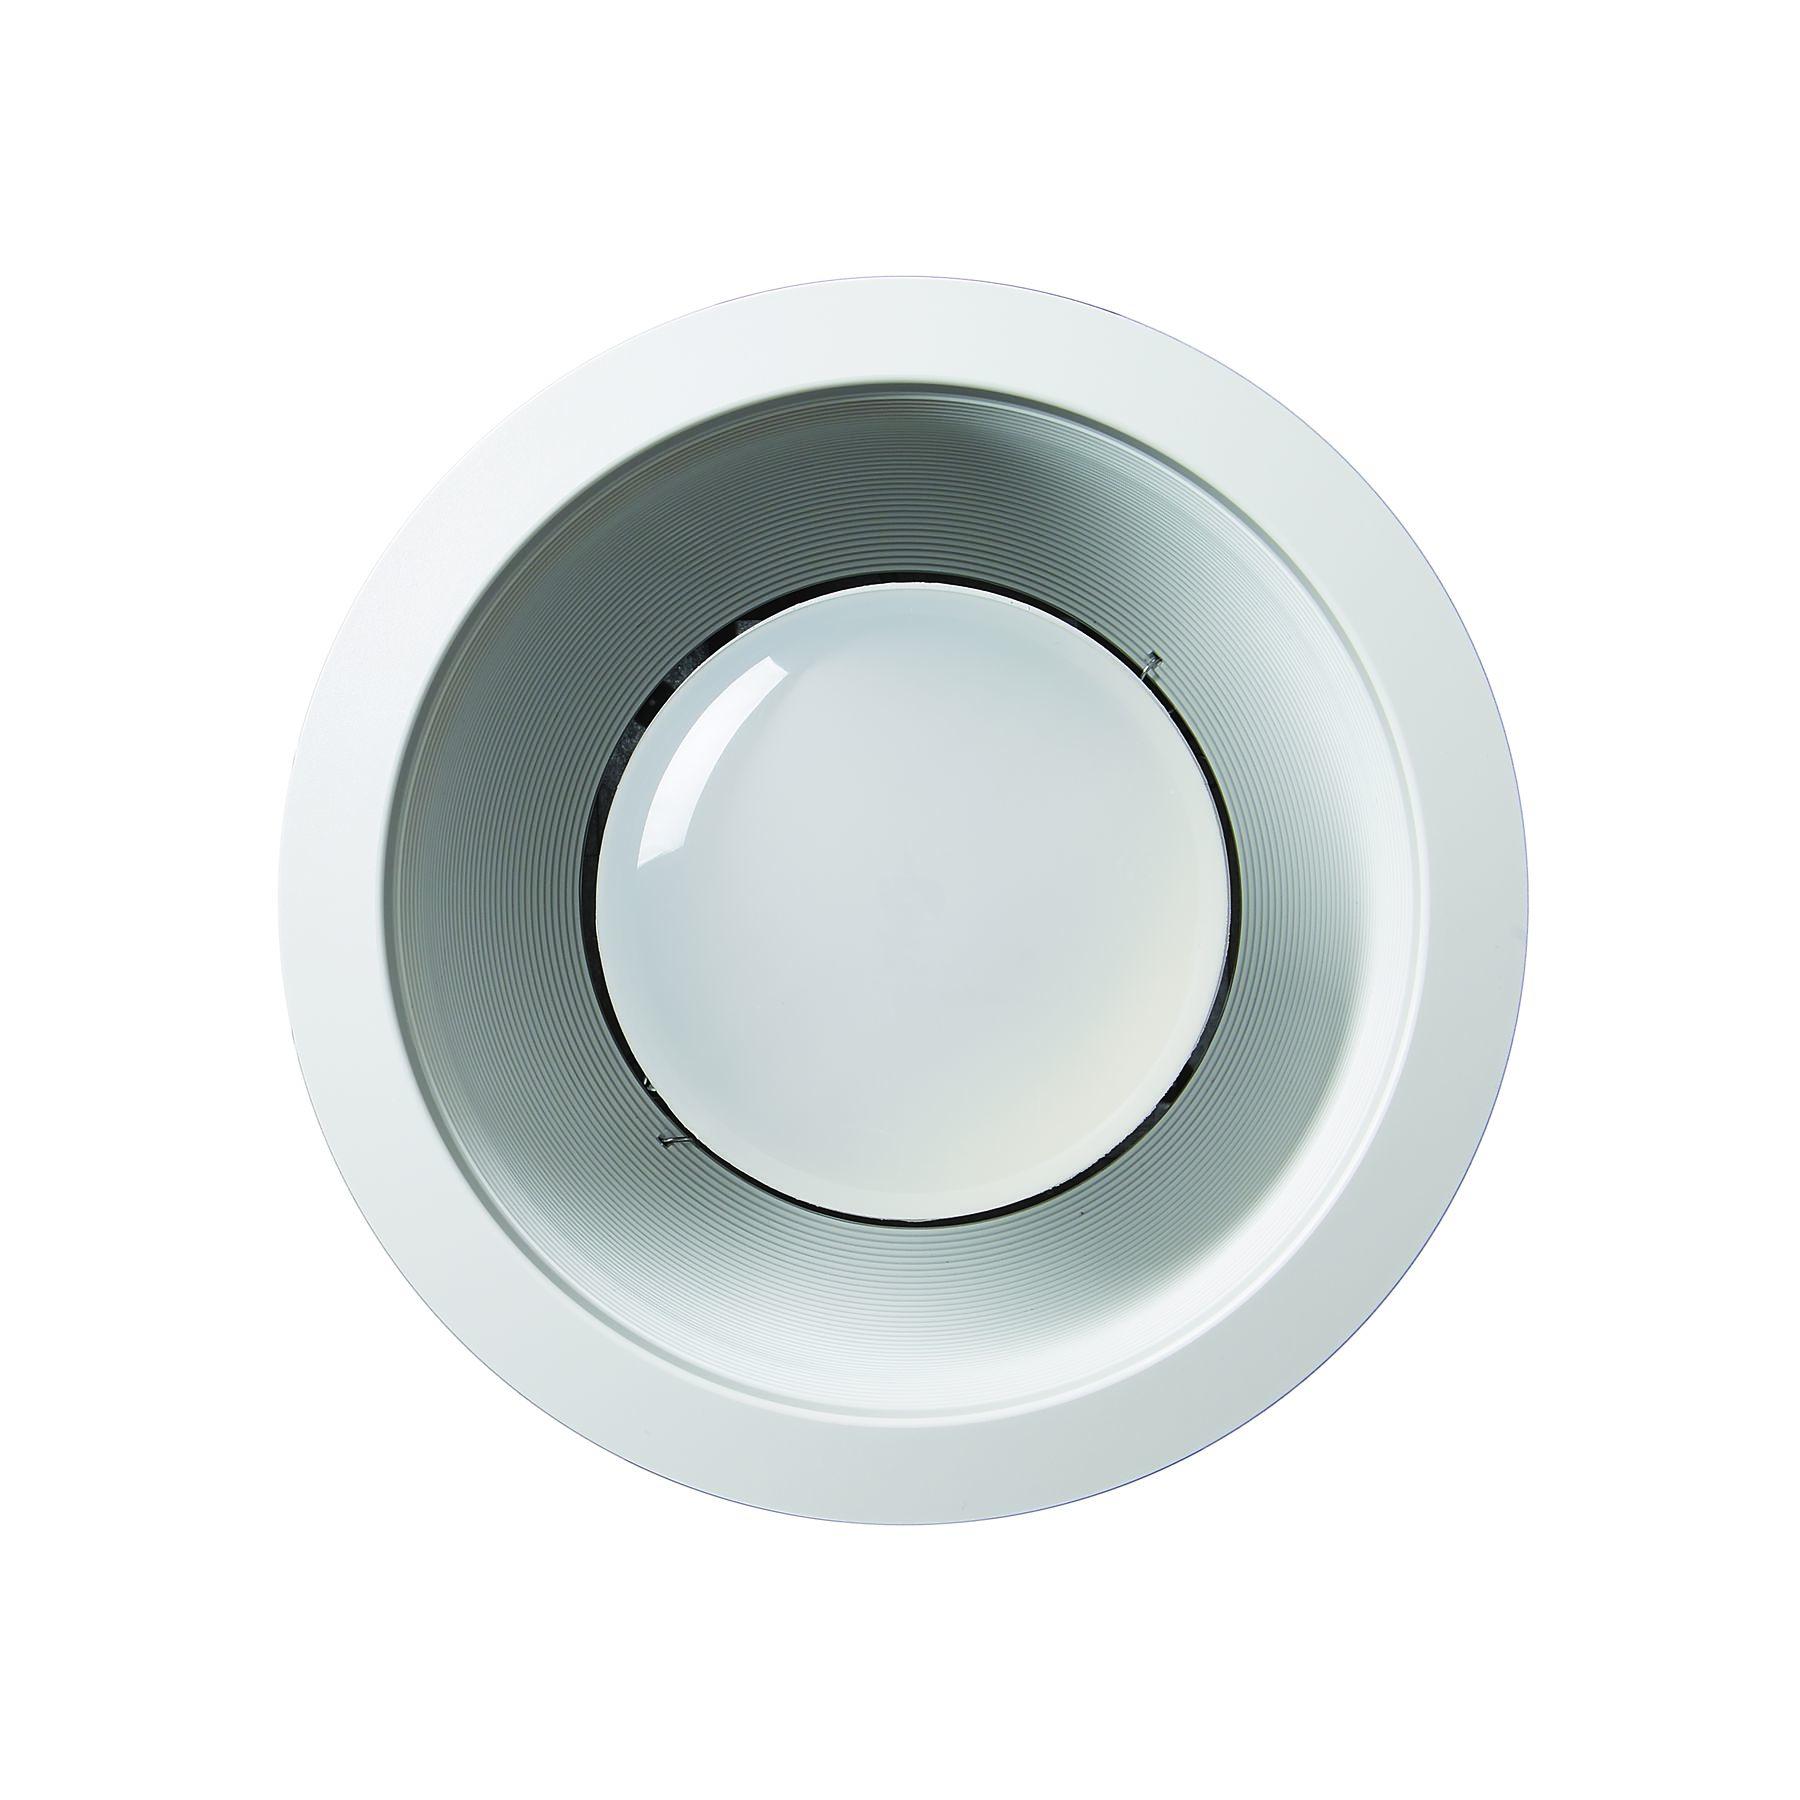 744 broan® recessed ventilation fan light, 70 cfm  broan-nutone